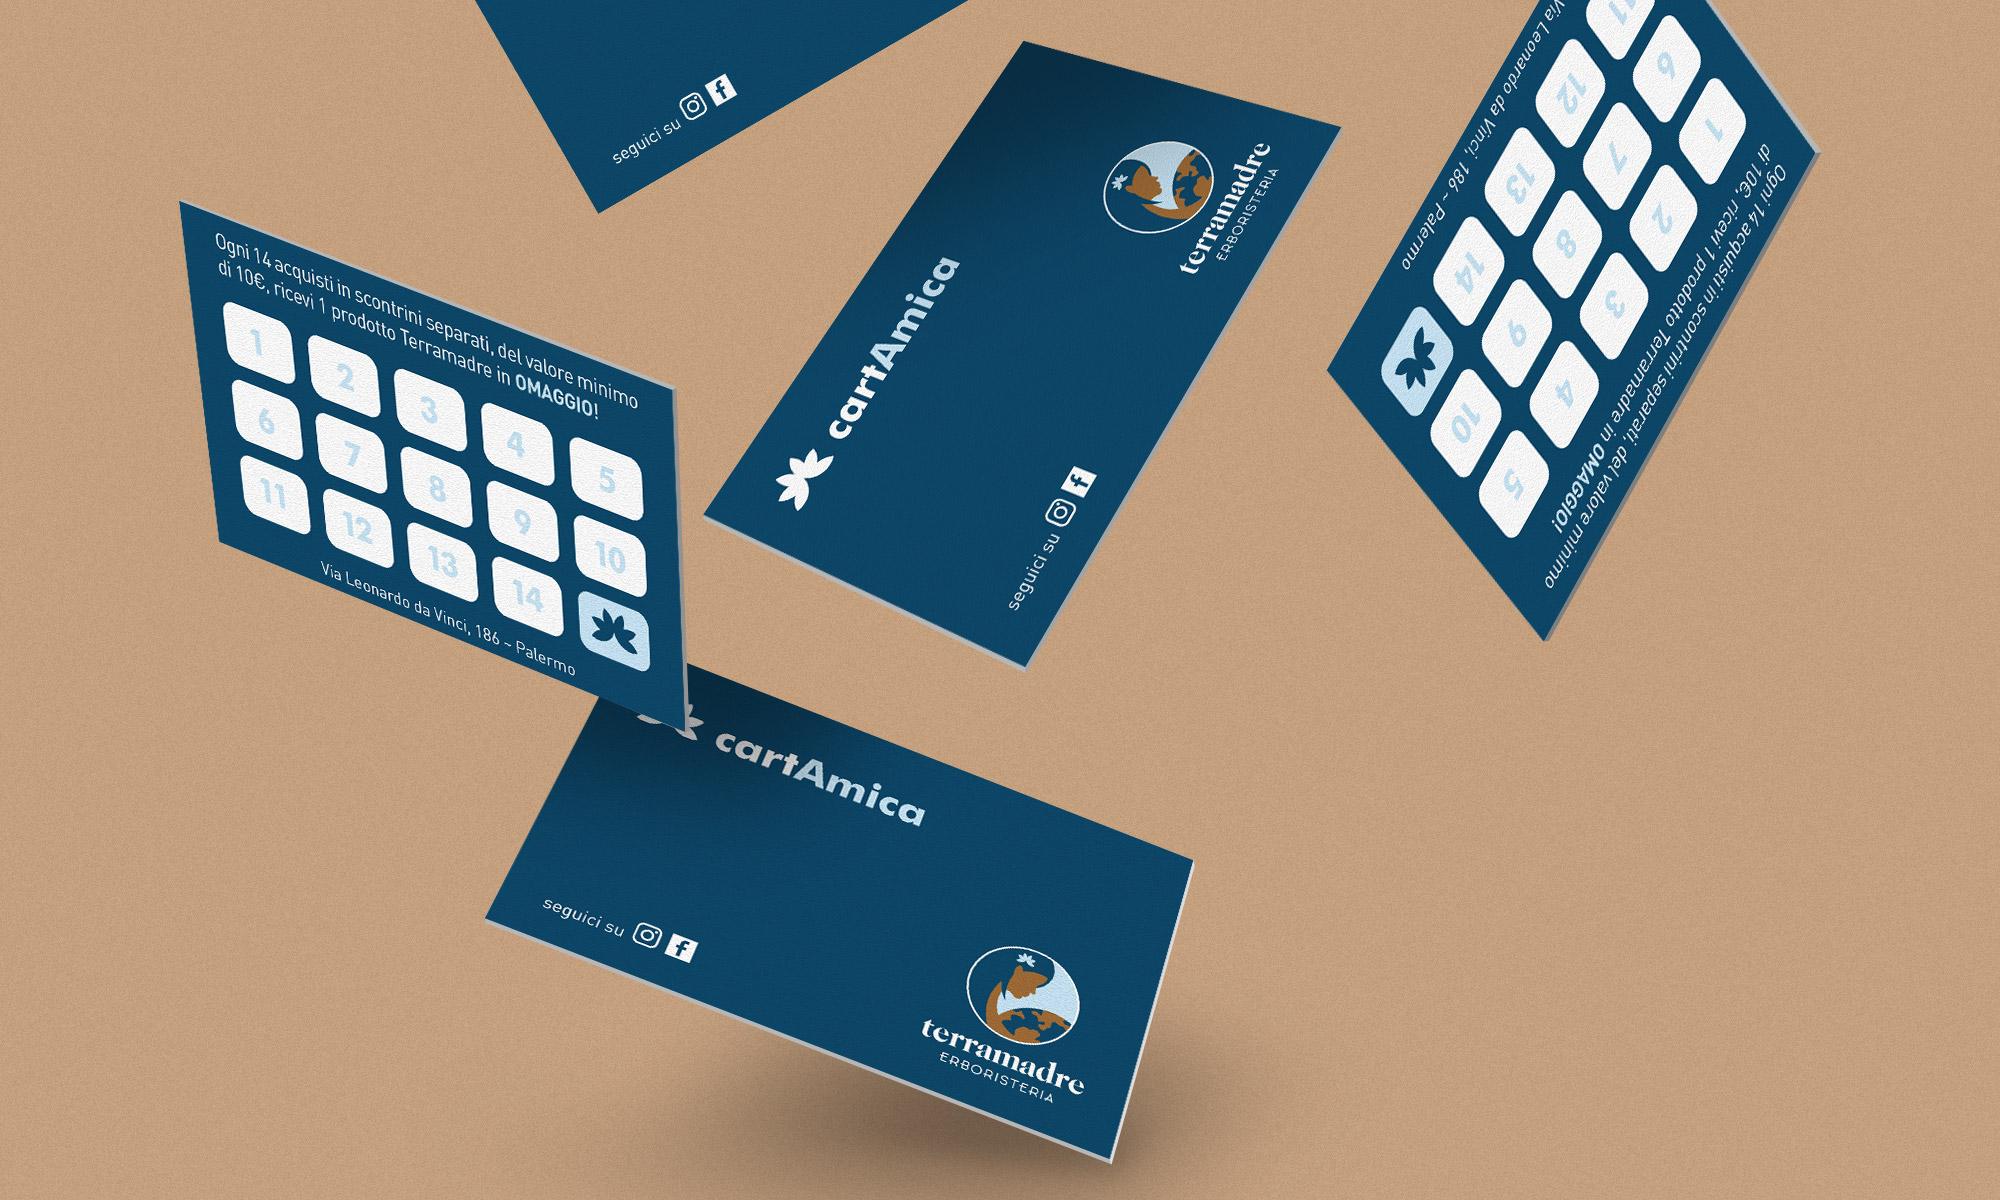 Fidelity card Erboristeria Terramadre, Palermo 2020